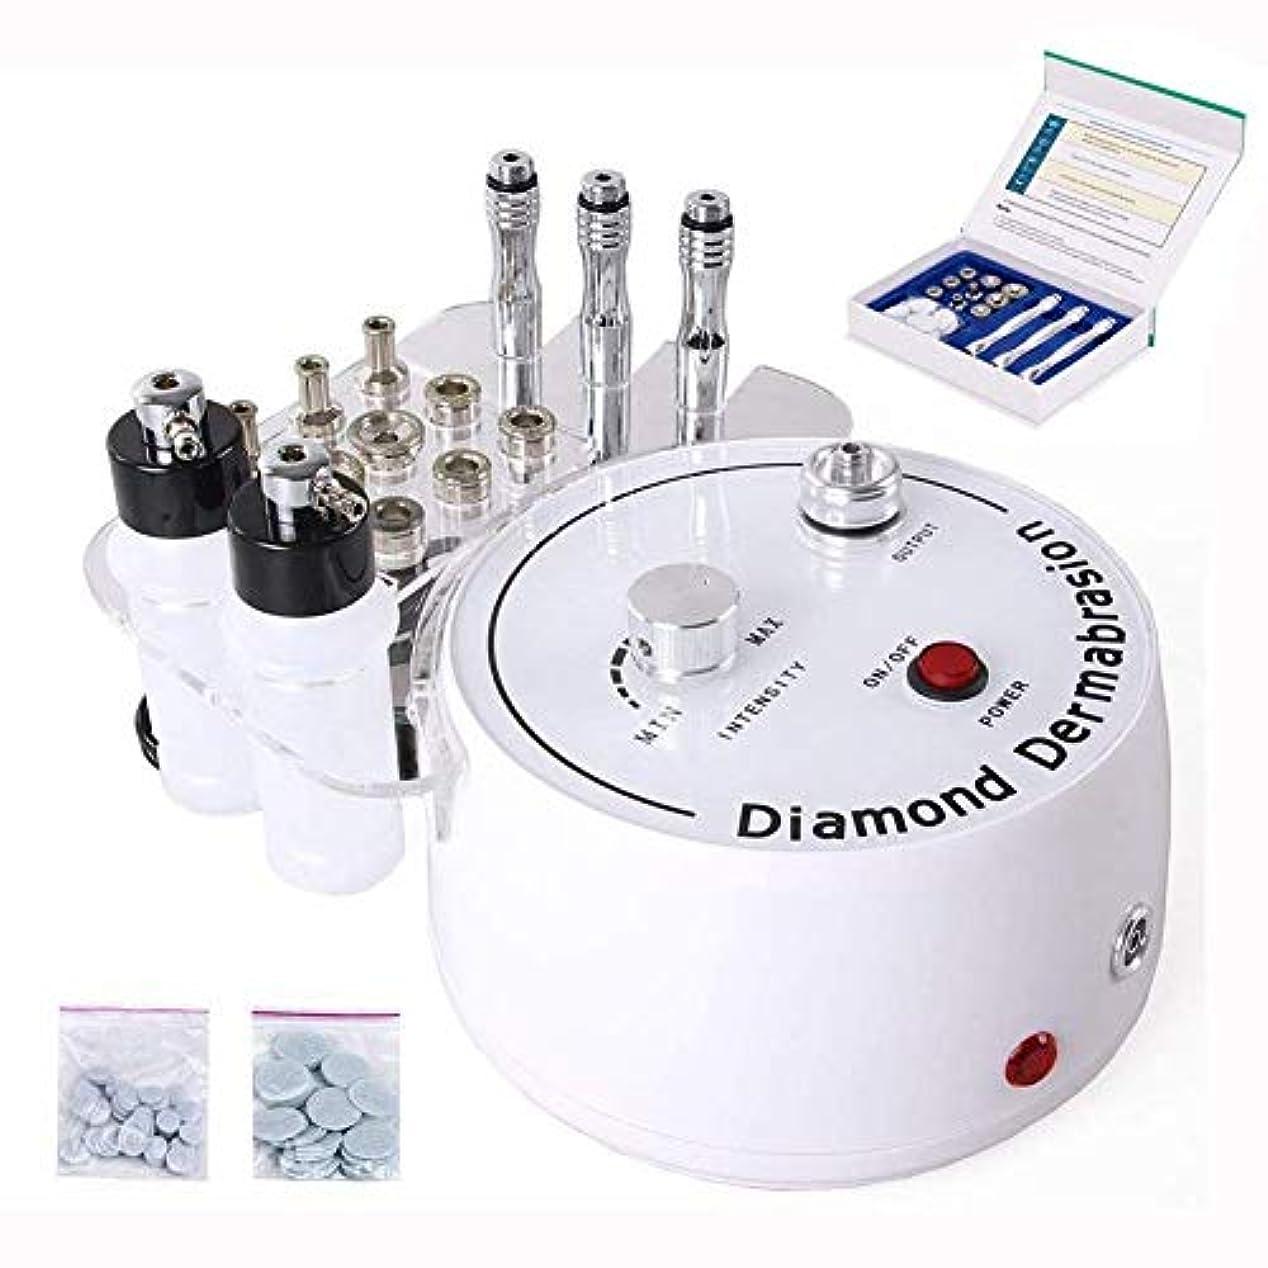 擬人化連邦債務ダイヤモンドマイクロダーマブレーション皮膚剥離機、ピーリング美容機しわフェイスピーリングマシン、専門の皮膚剥離装置肌用美容機器を引き締め若返りリフティングピーリング